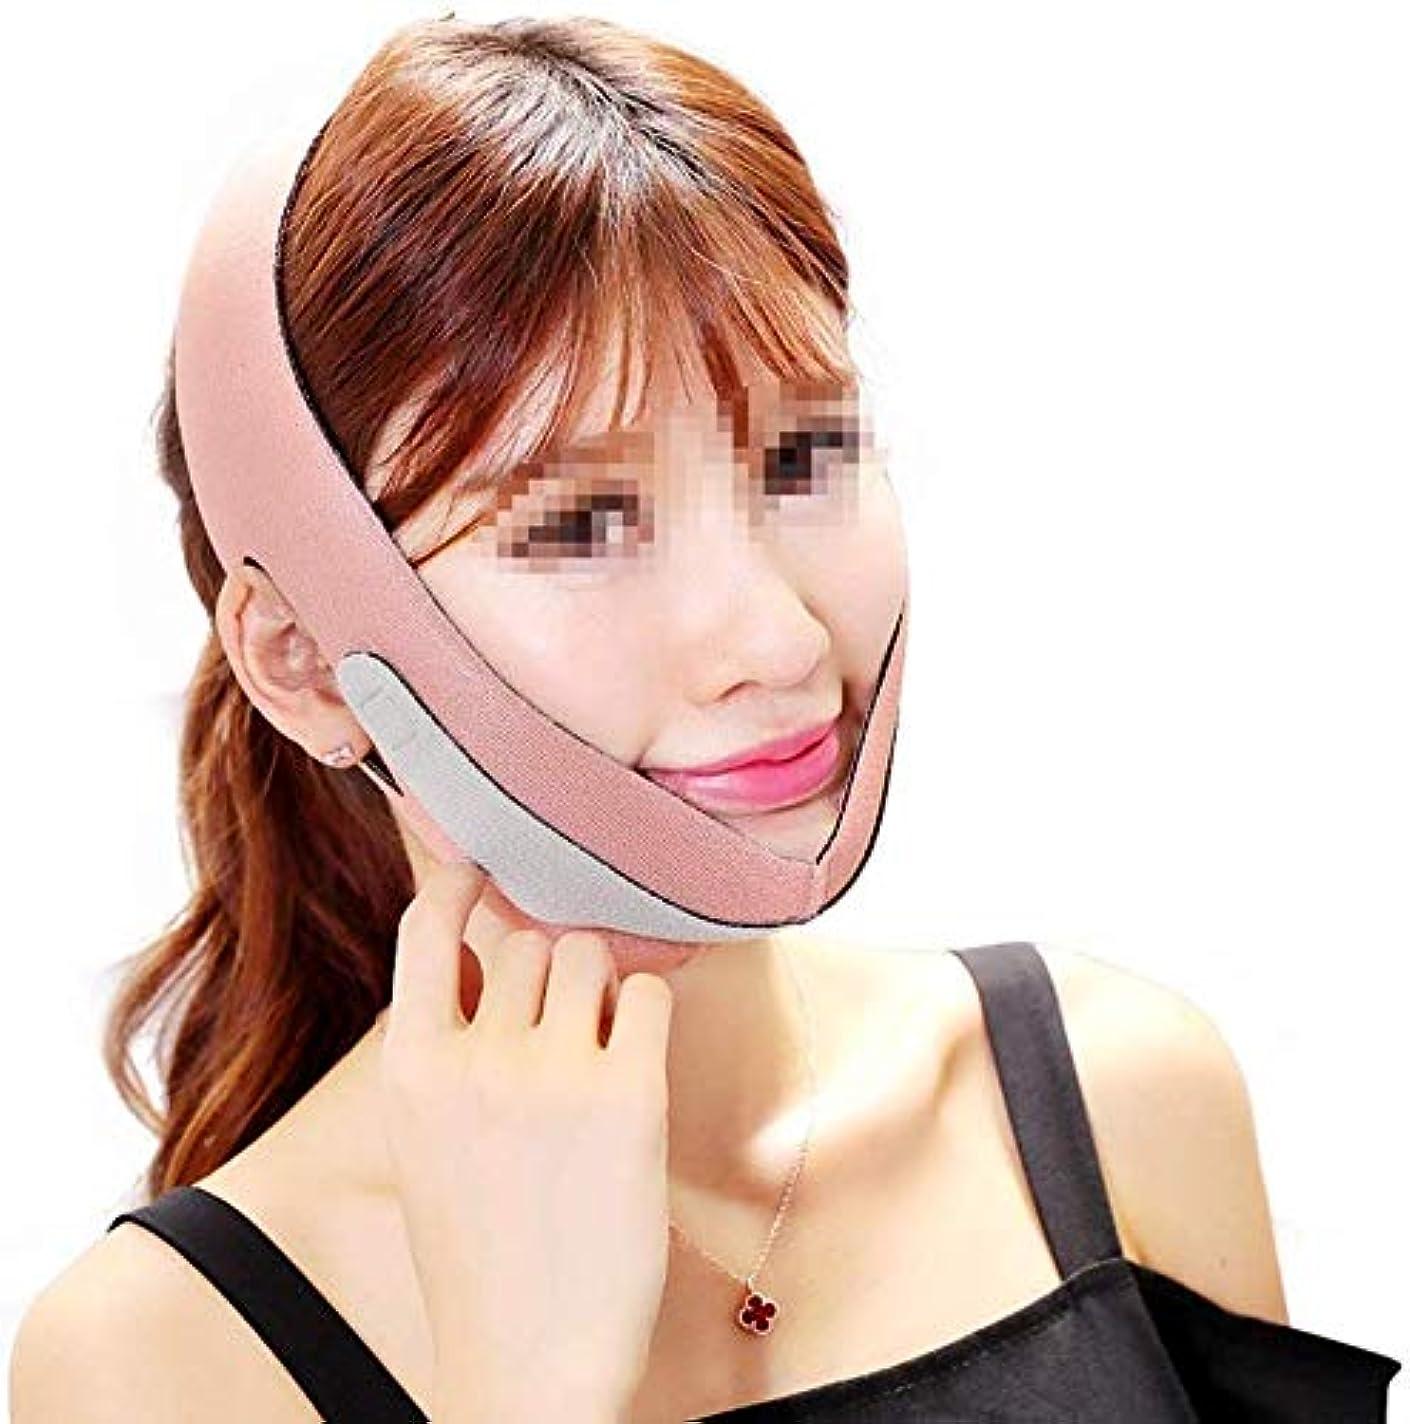 クリープ文字素晴らしい美容と実用的なフェイスリフトマスク、スモールVフェイス睡眠包帯マスク、薄いダブルチンリフトファーミングスキン